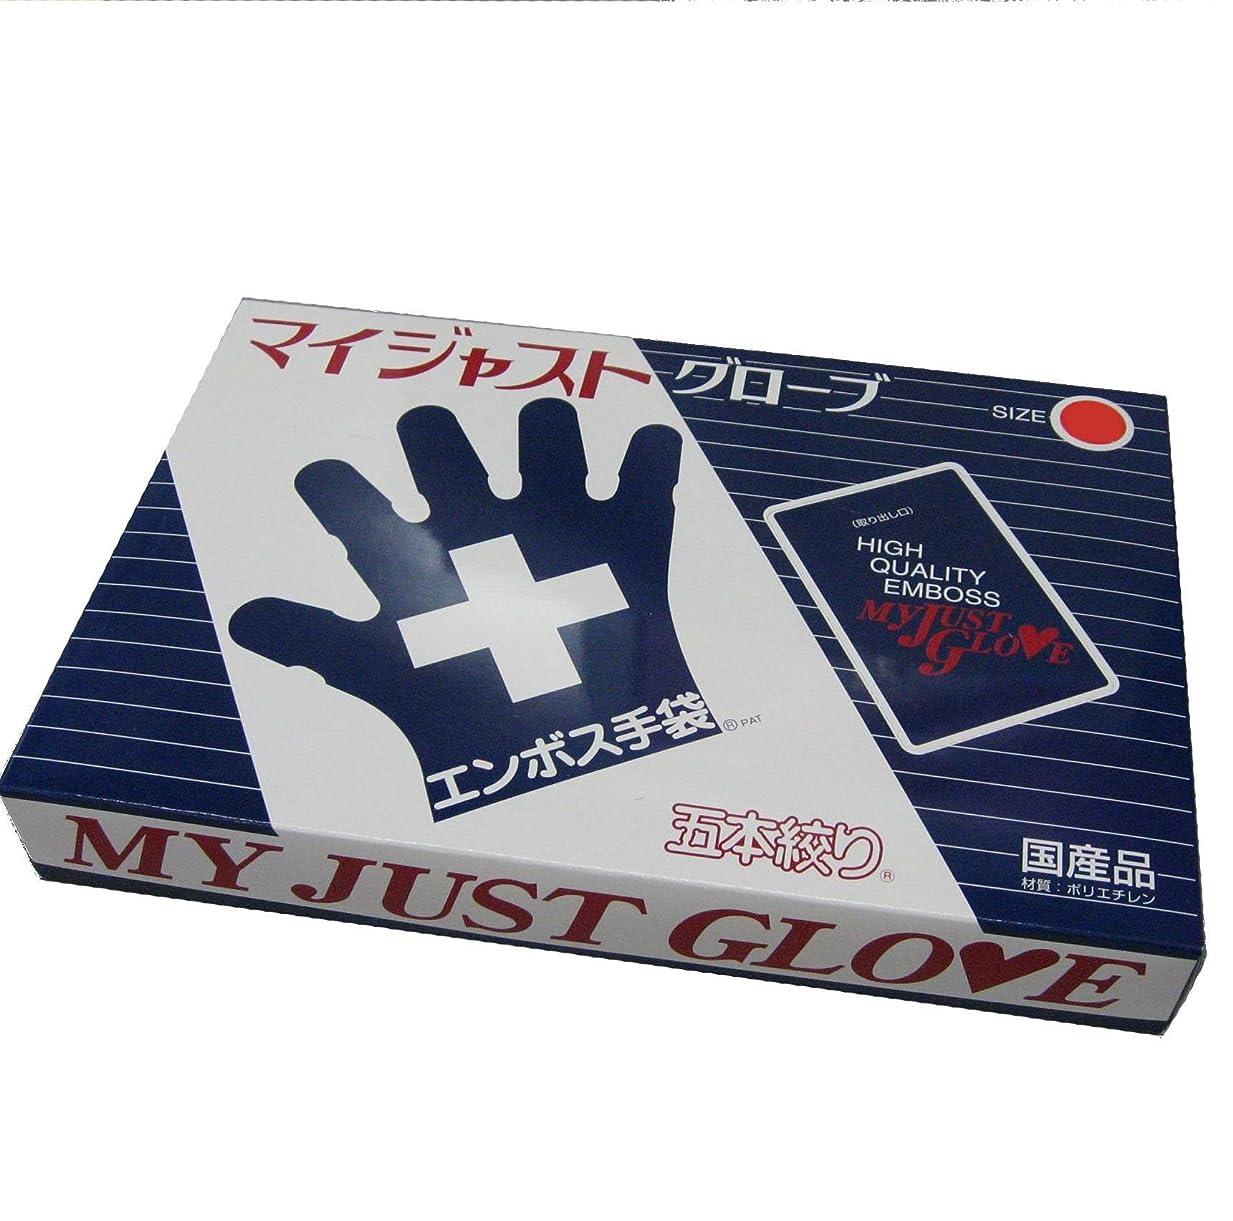 これまで独立して不振エンボス手袋 マイジャストグローブ五本絞り 200枚入 Mサイズ 化粧箱